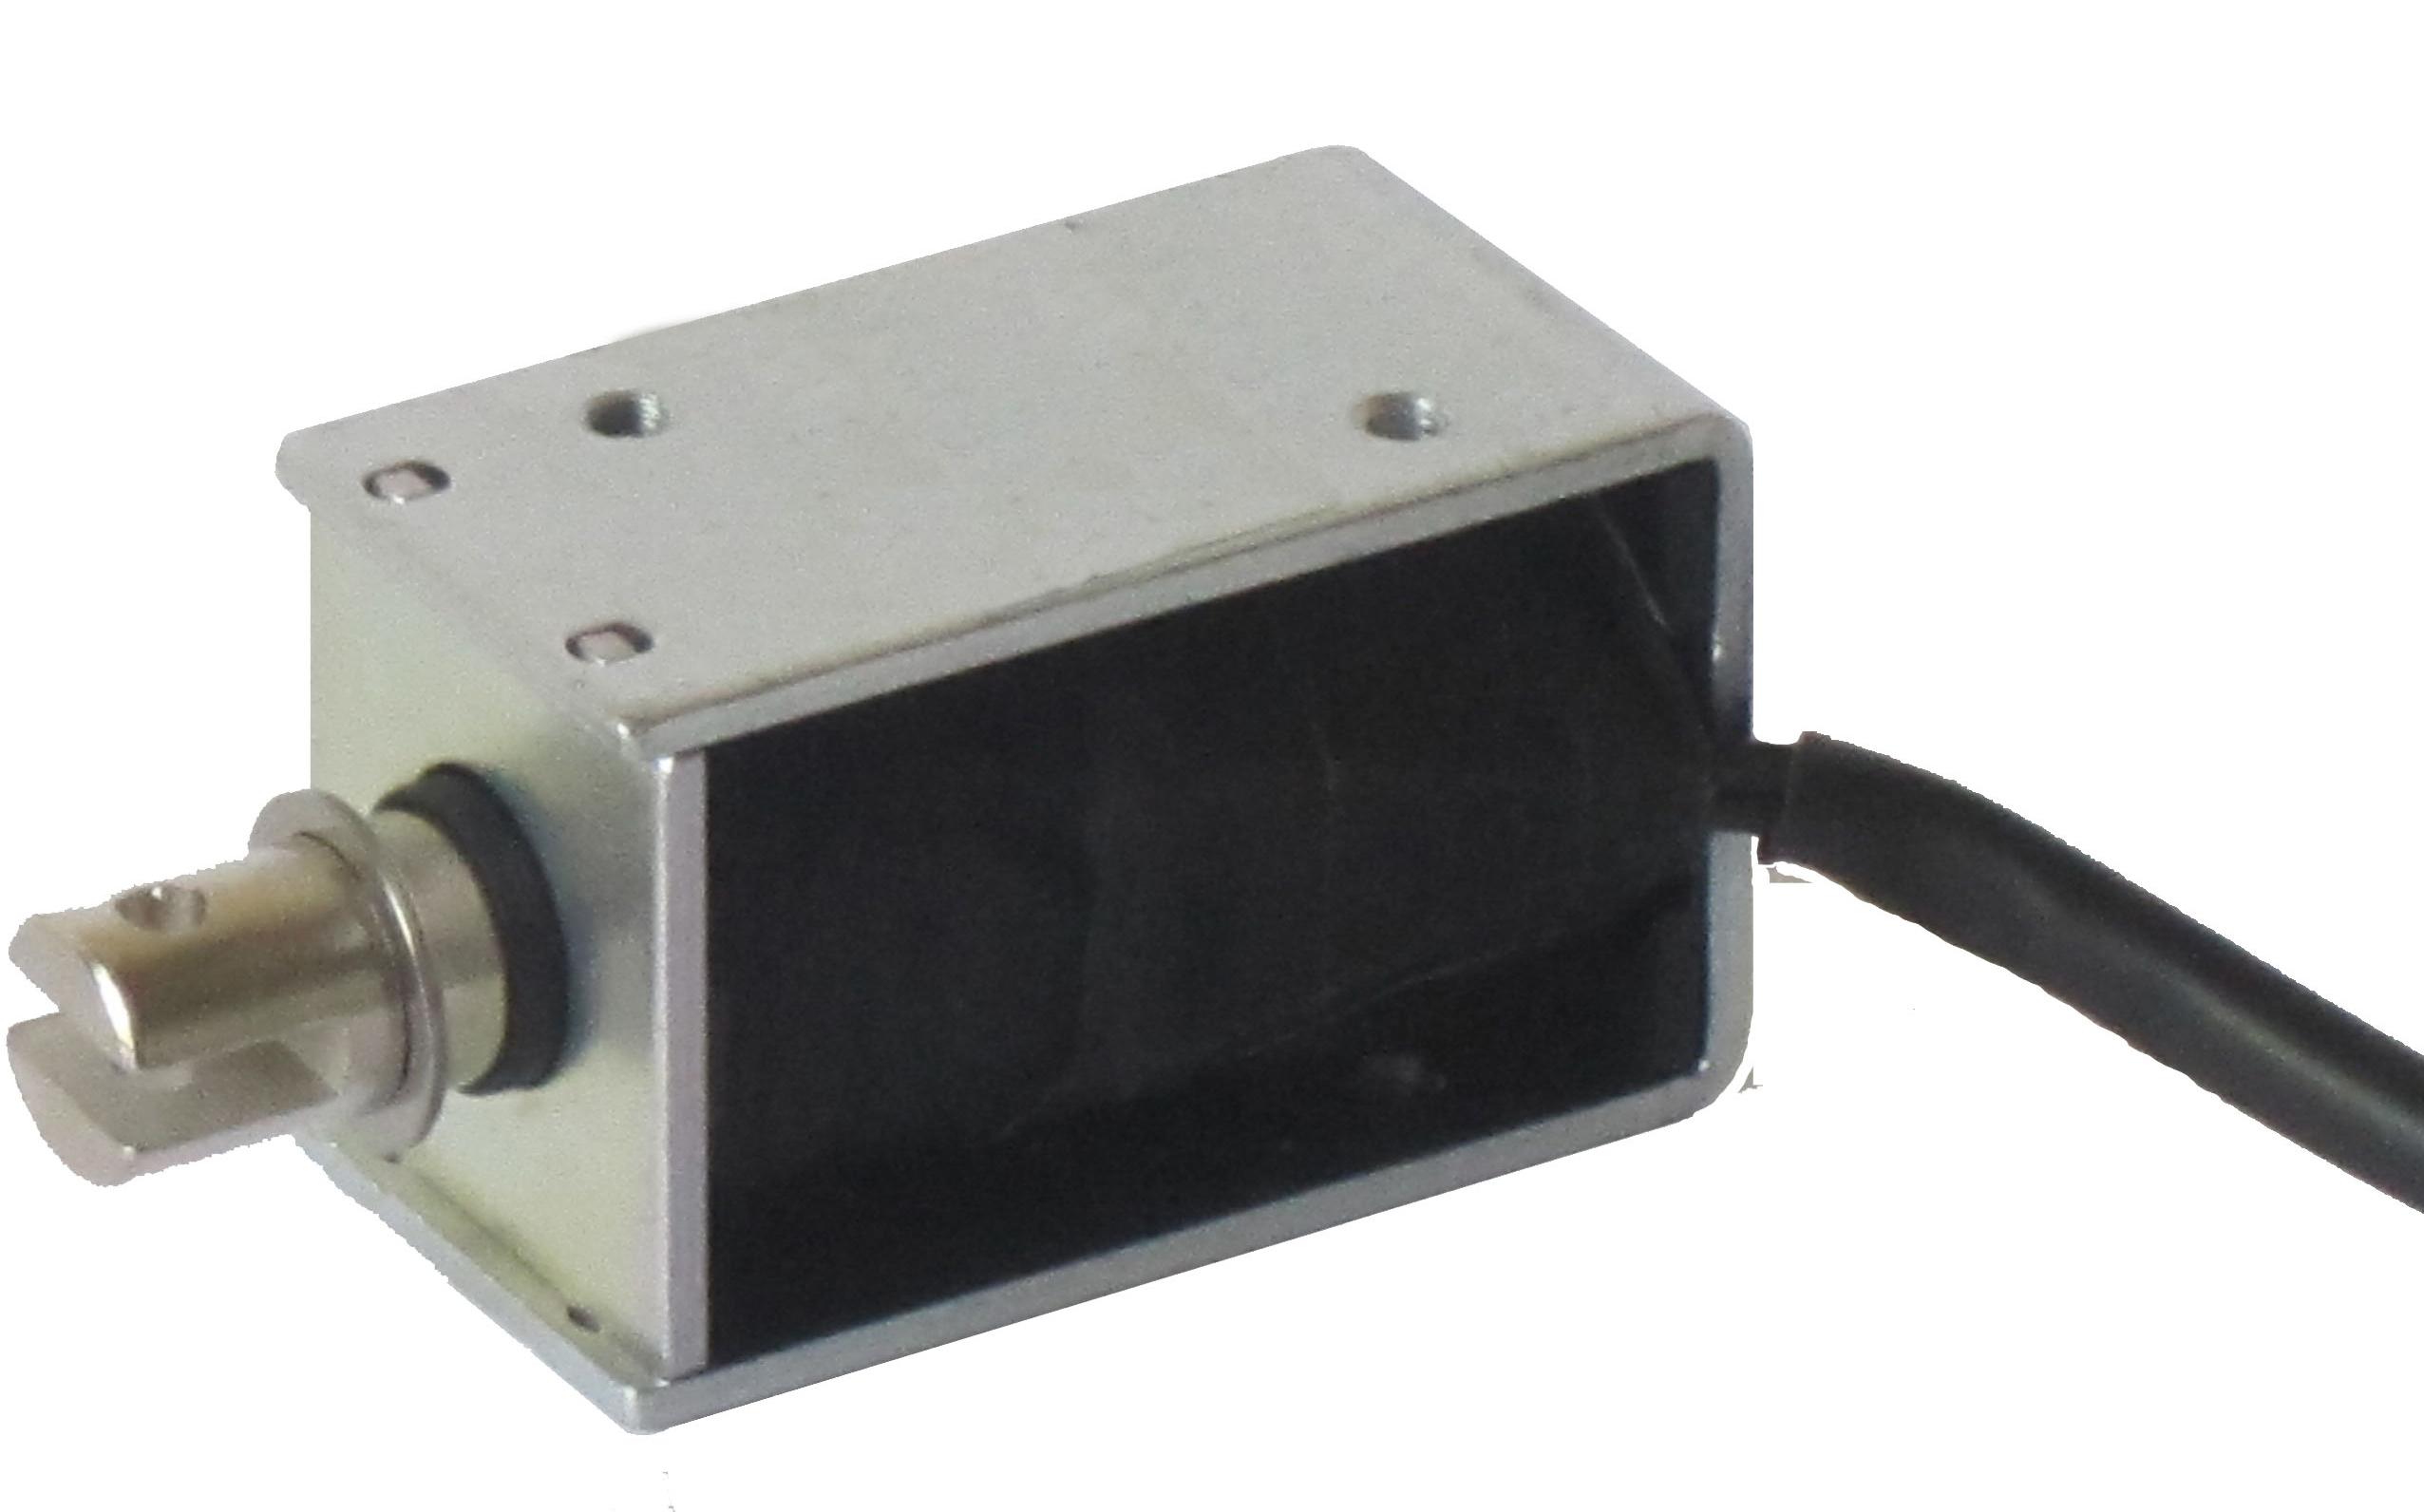 Électro-aimants actionneurs de manœuvre simple ou simple effet, équipés d'une bobine et d'un noyau mobile. Lorsque la b